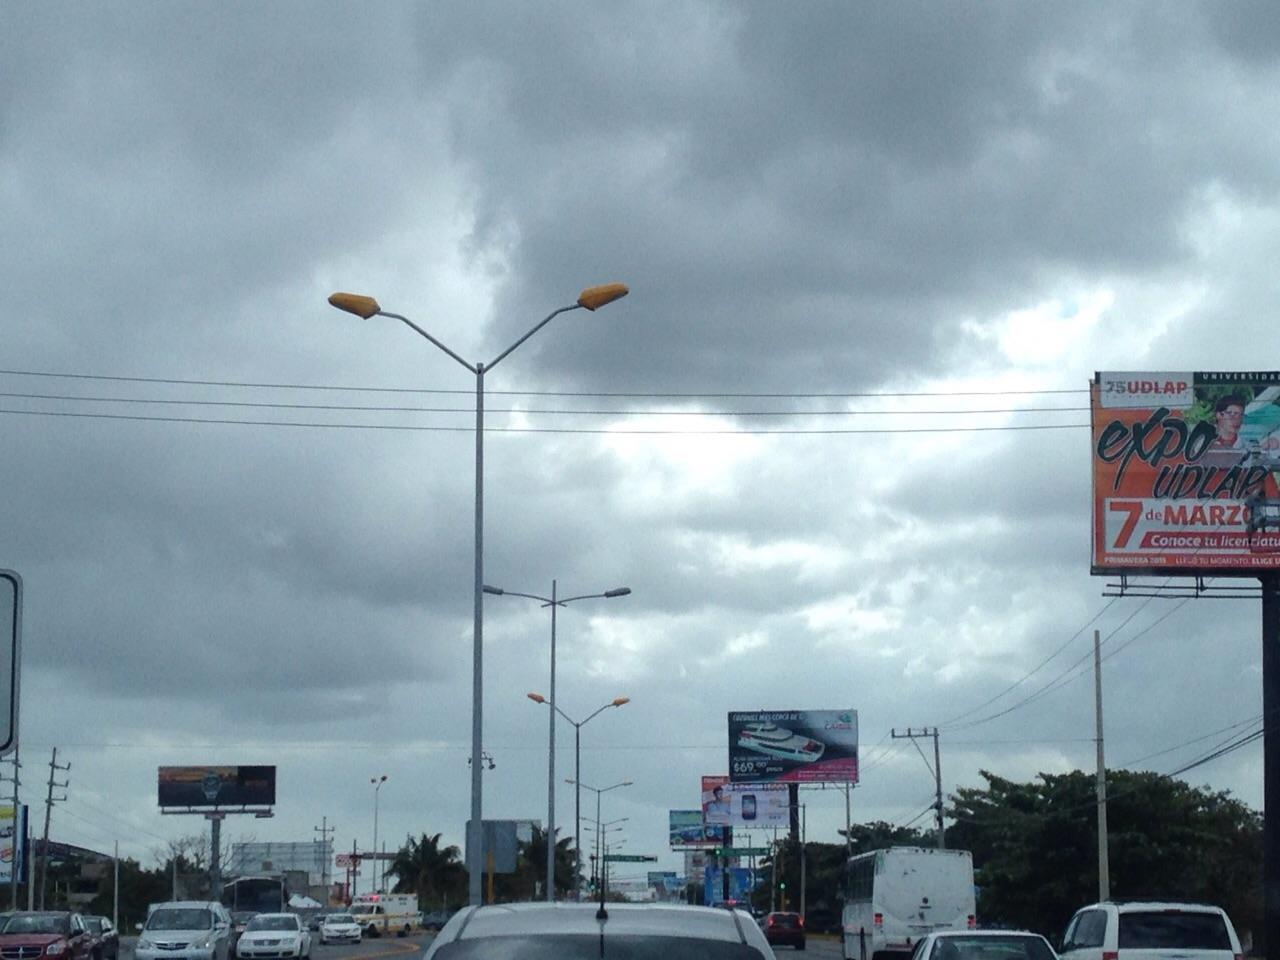 MUEVEN PARTIDAS A DISCRESIÓN: Embonan presupuesto ambiental para más luminarias en bulevard cancunense; 20 mdp para luces que dejan sombras